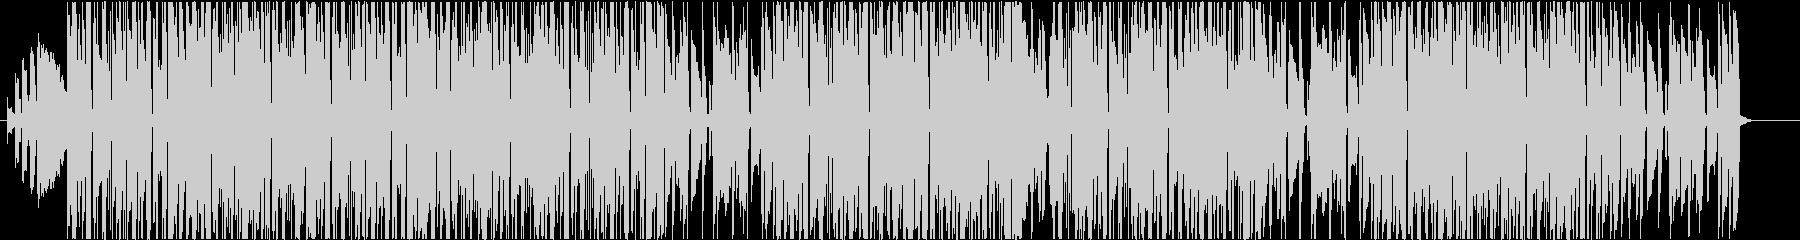 洋楽、全米最新ヒップホップサウンド♪の未再生の波形